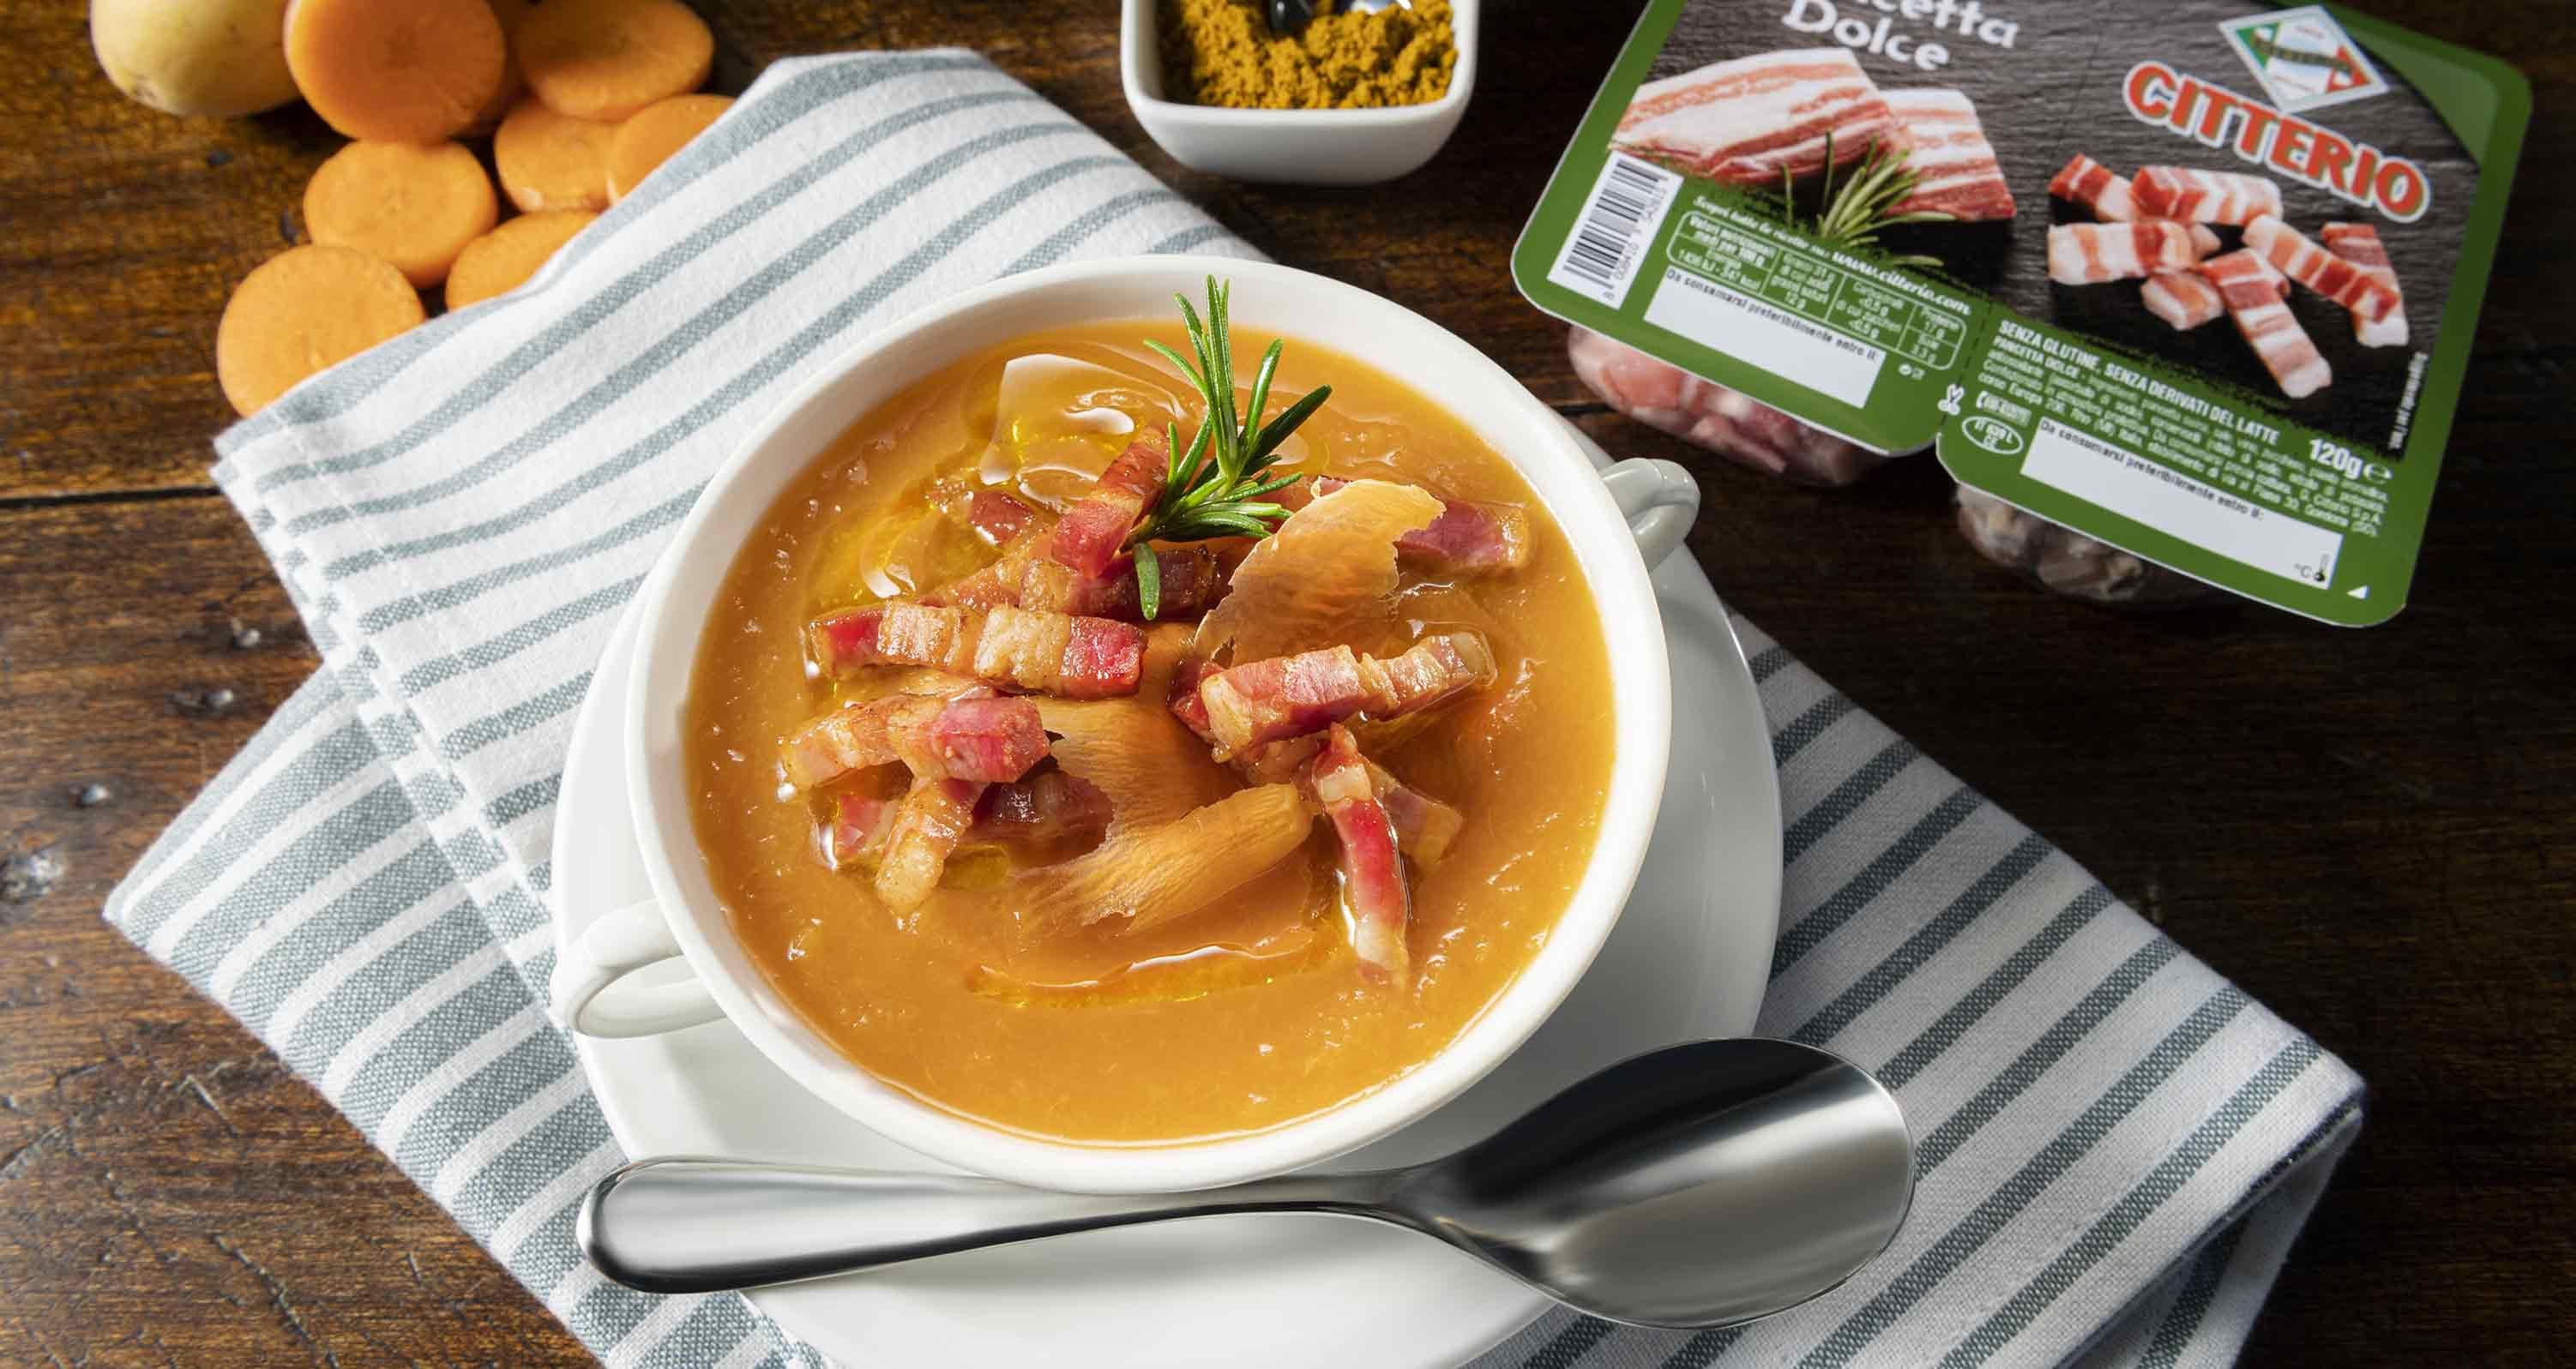 crema-di-carote-curry-e-fiammiferi-di-pancetta-dolce-low.jpg